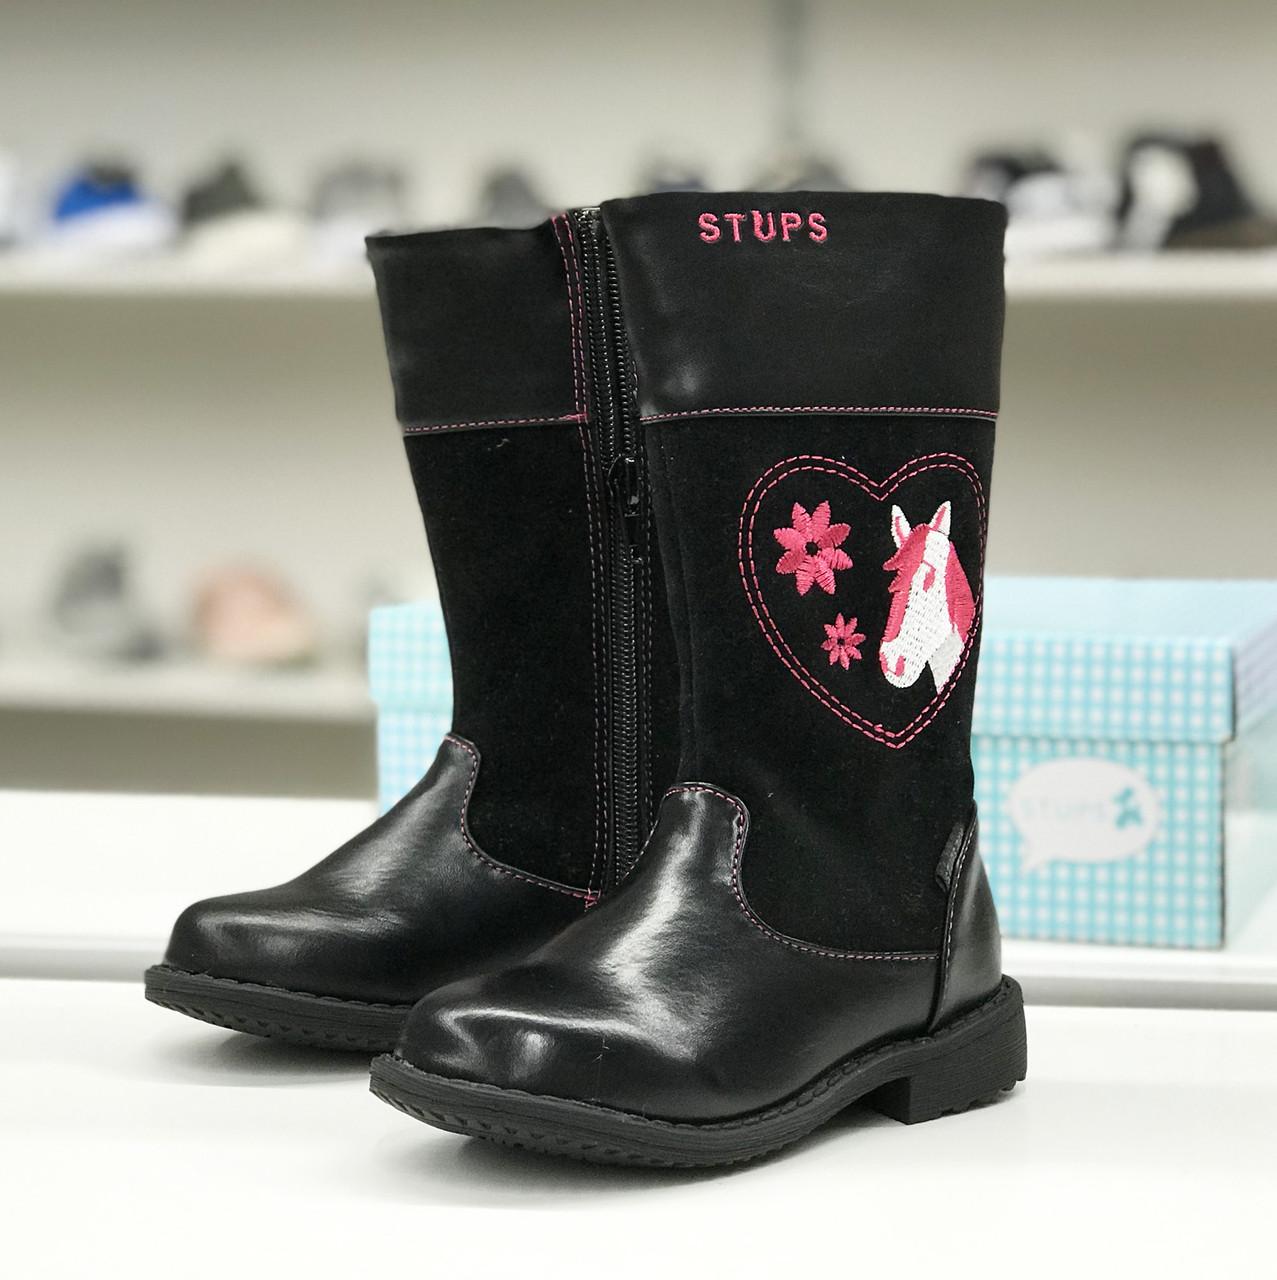 ecd502bb12f4 Утепленные сапожки Stups р 24. Интернет-магазин брендовой обуви